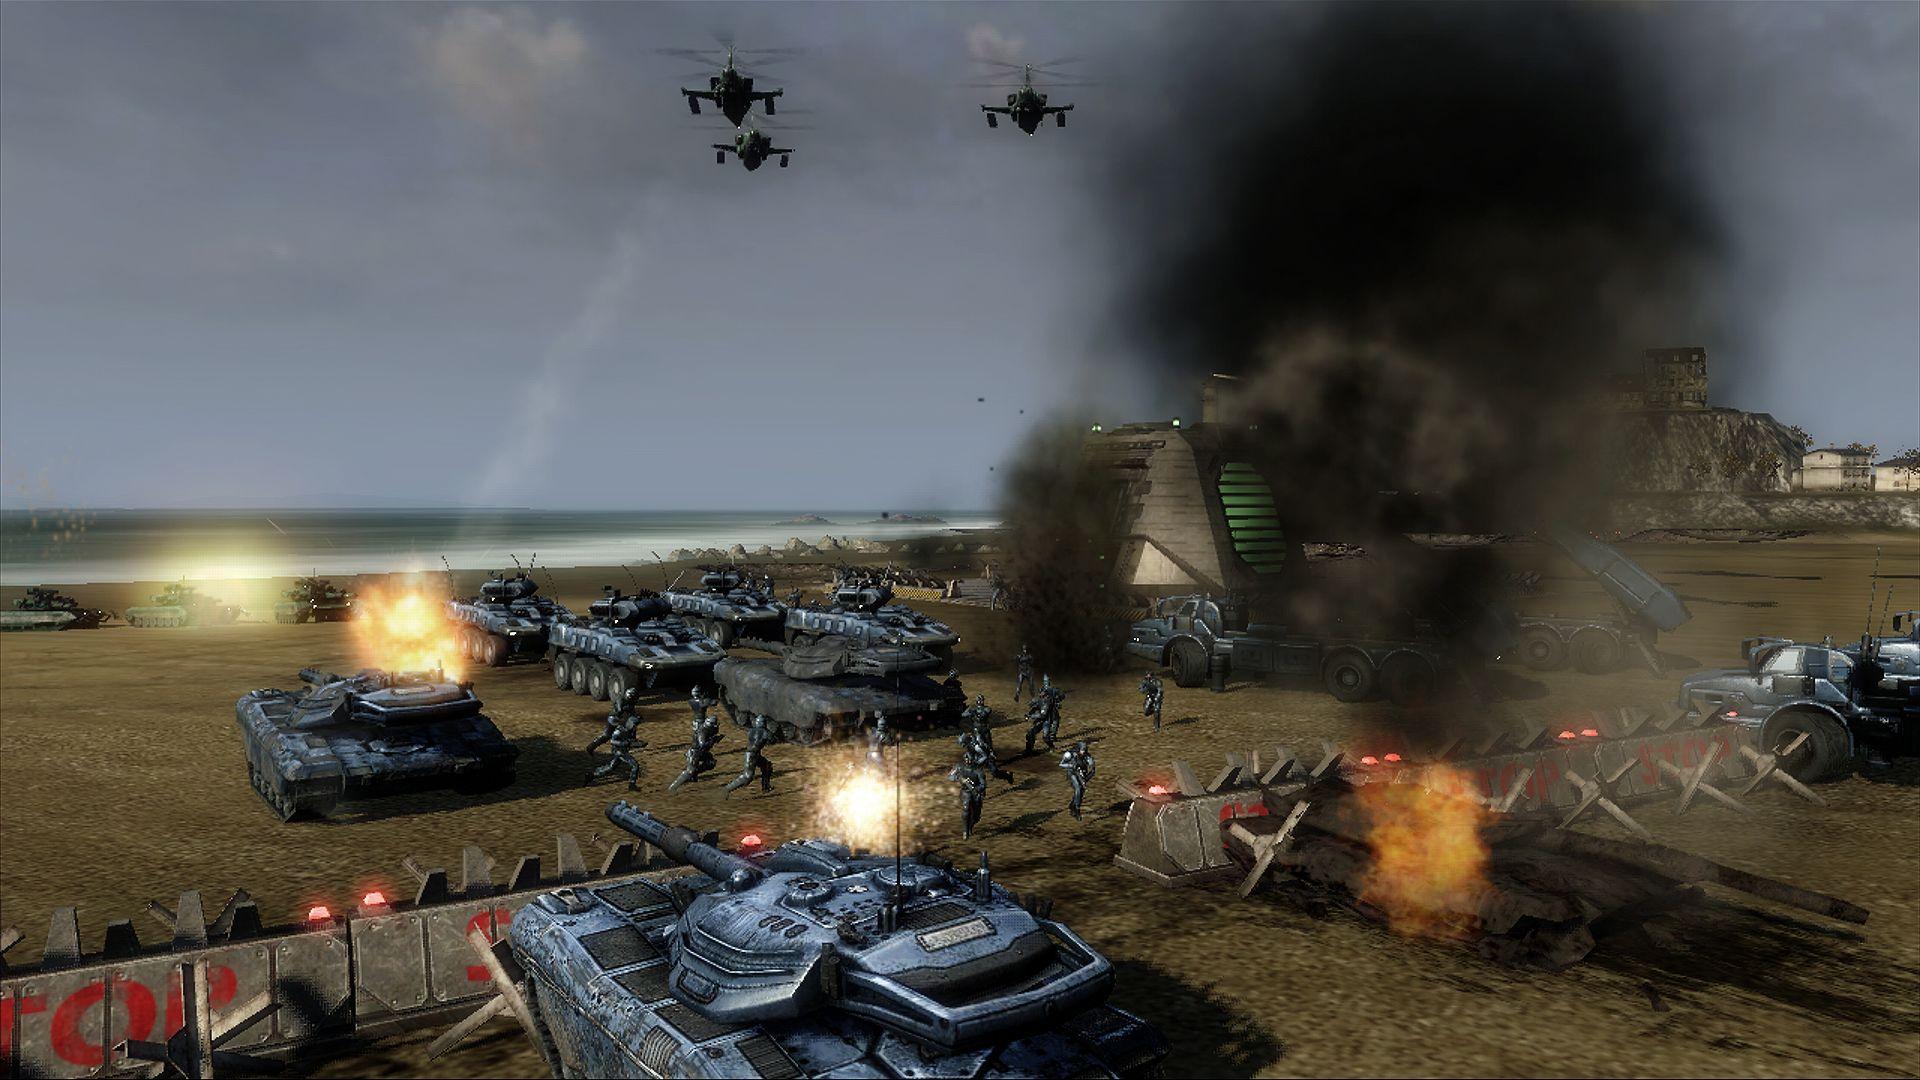 والأكشن الأكثر من رائعة ل- UBISOFT إنها Tom Clancy's Endwar-XBOX 360-R…